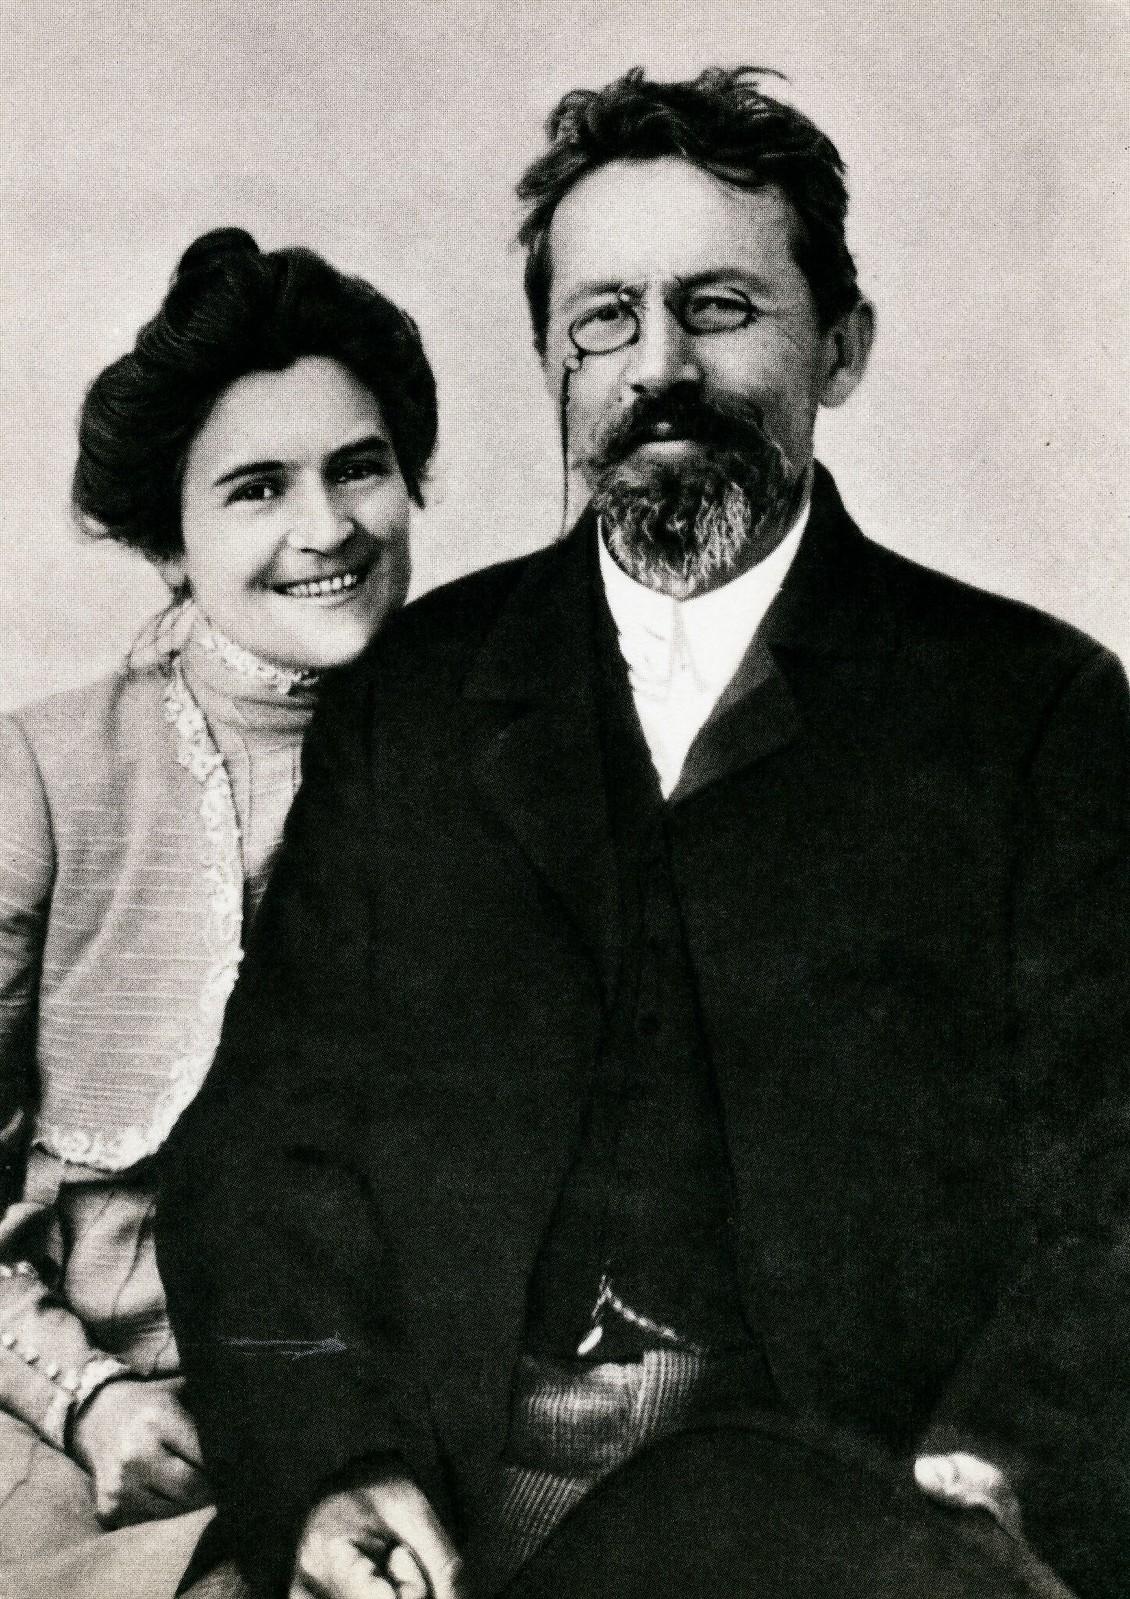 1900. Антон Чехов с женой Ольгой Книппер-Чеховой